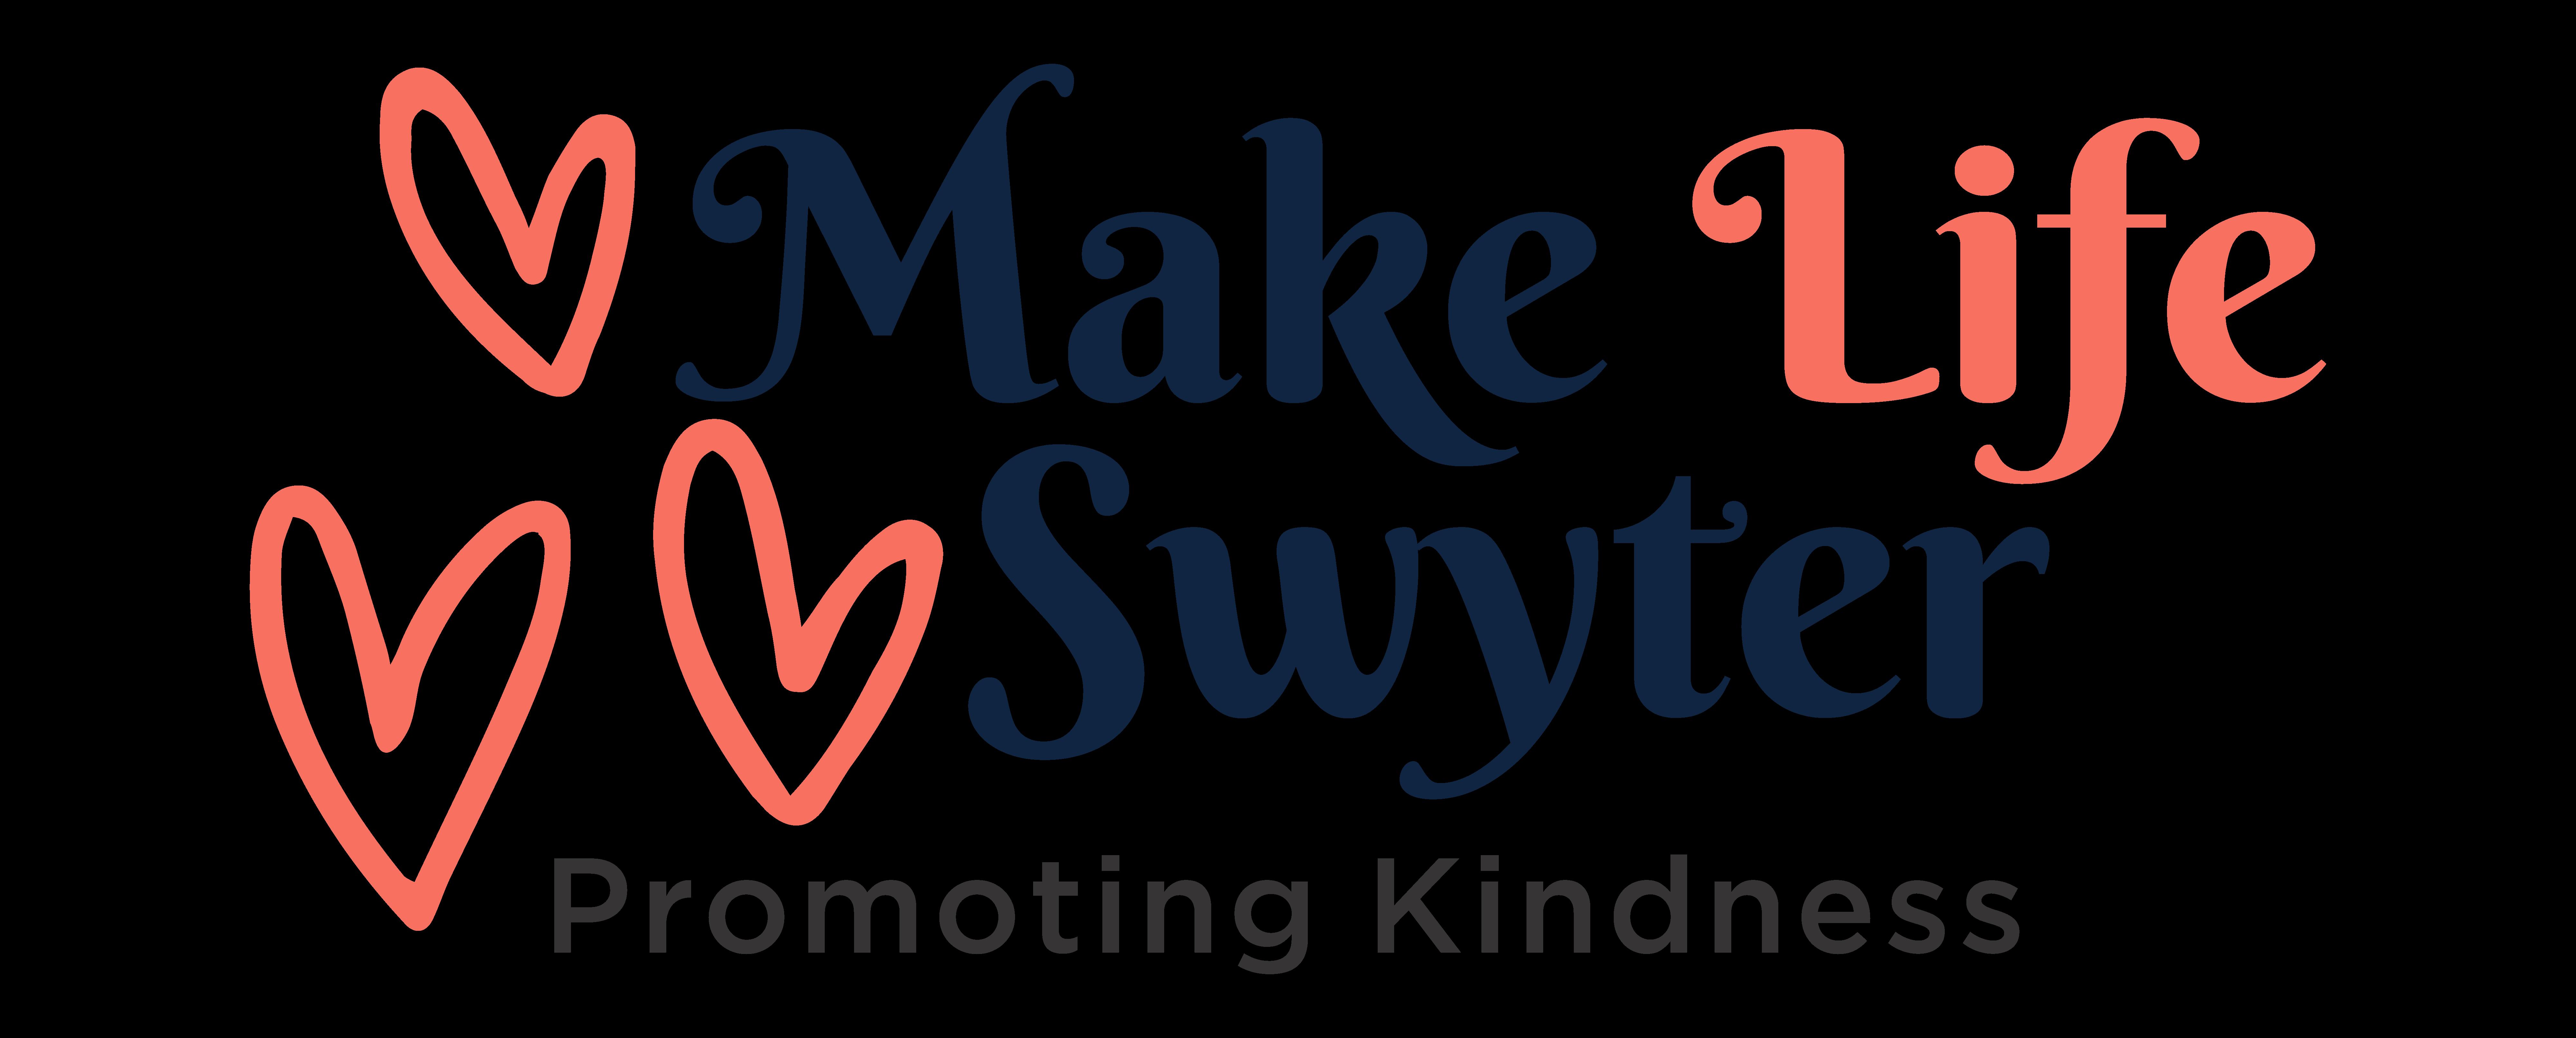 Make Life Swyter